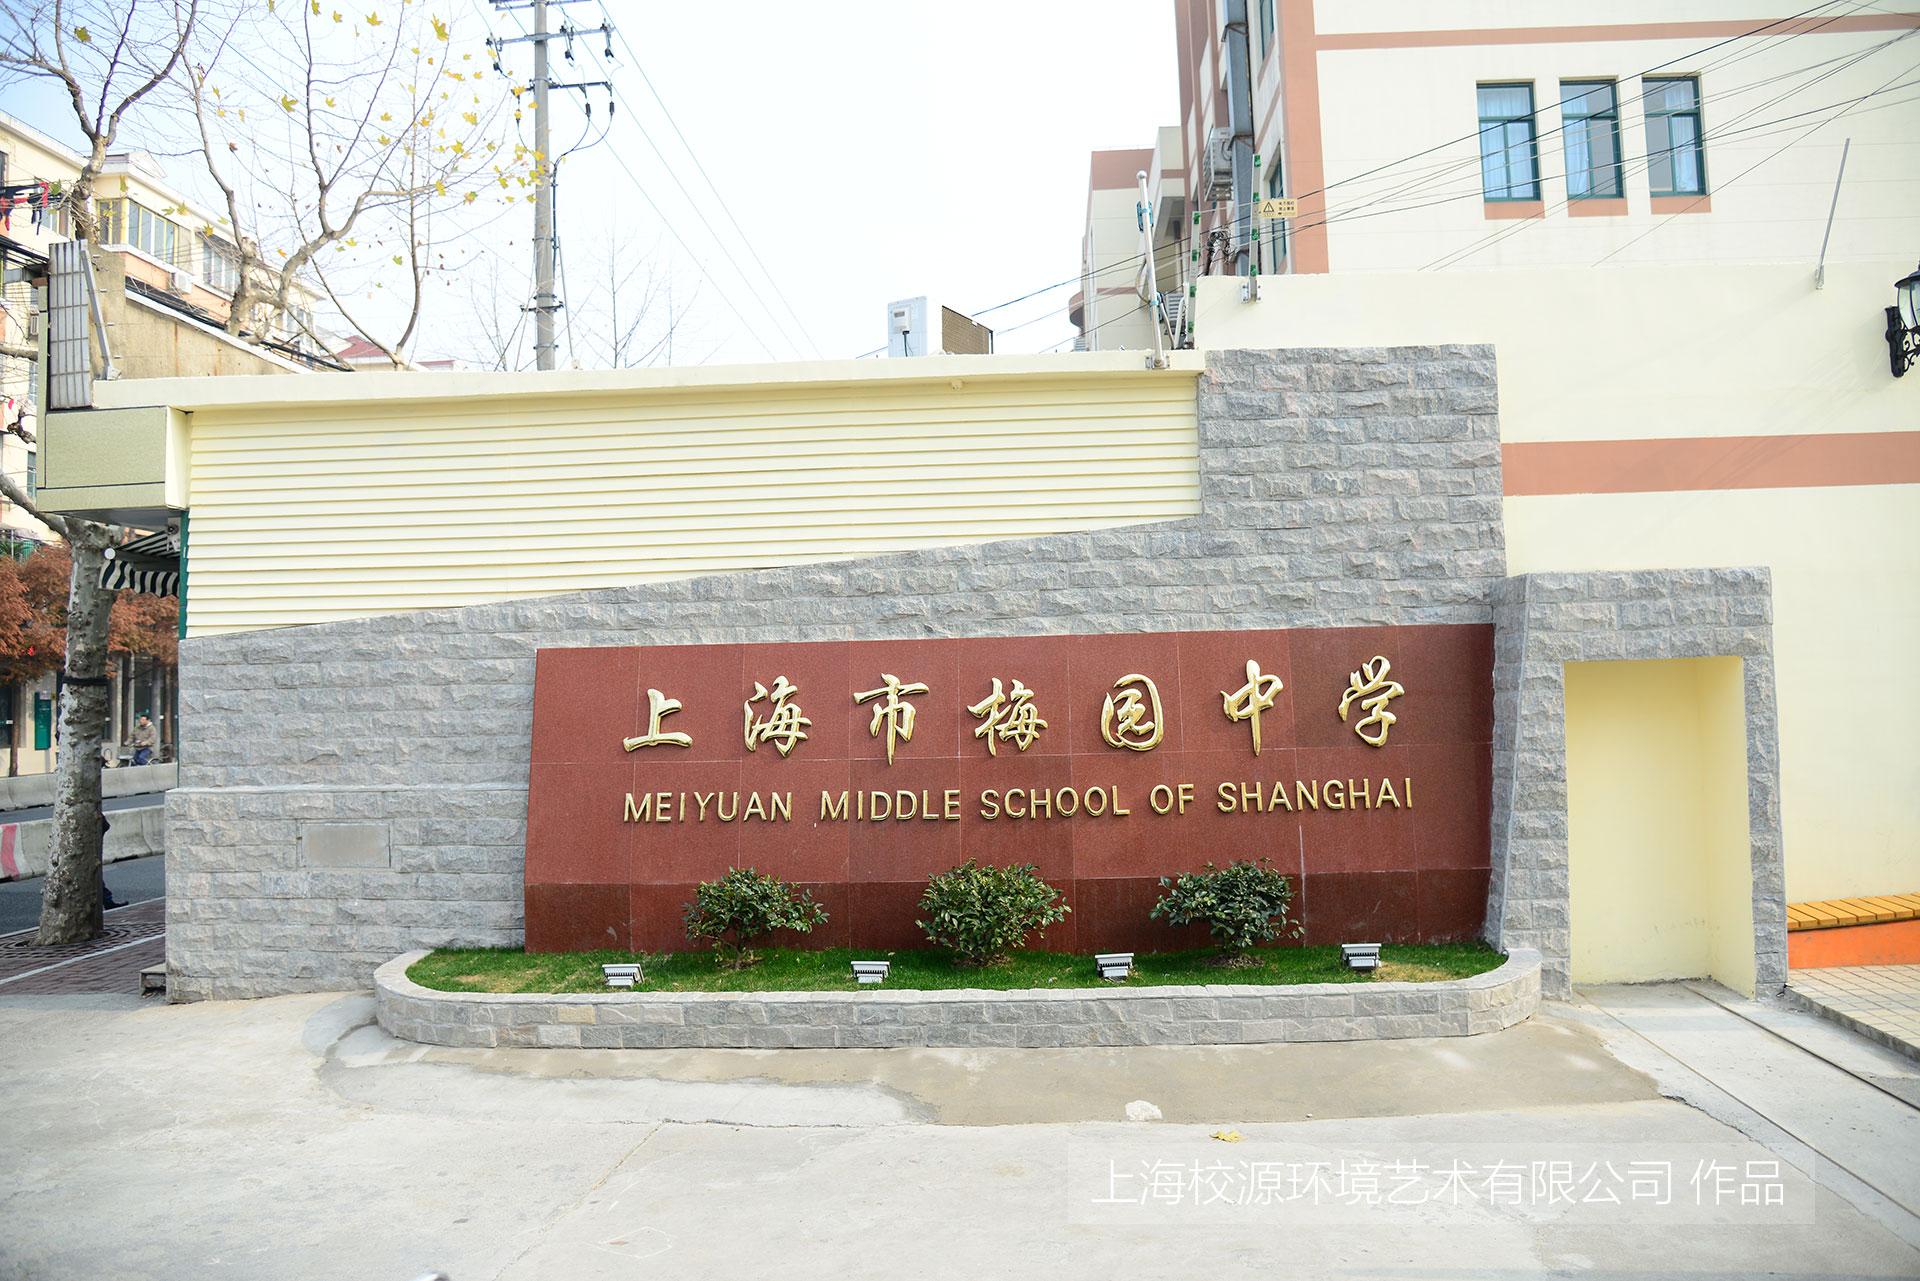 企业文化墙 校园文化设计、制作、施工一体化